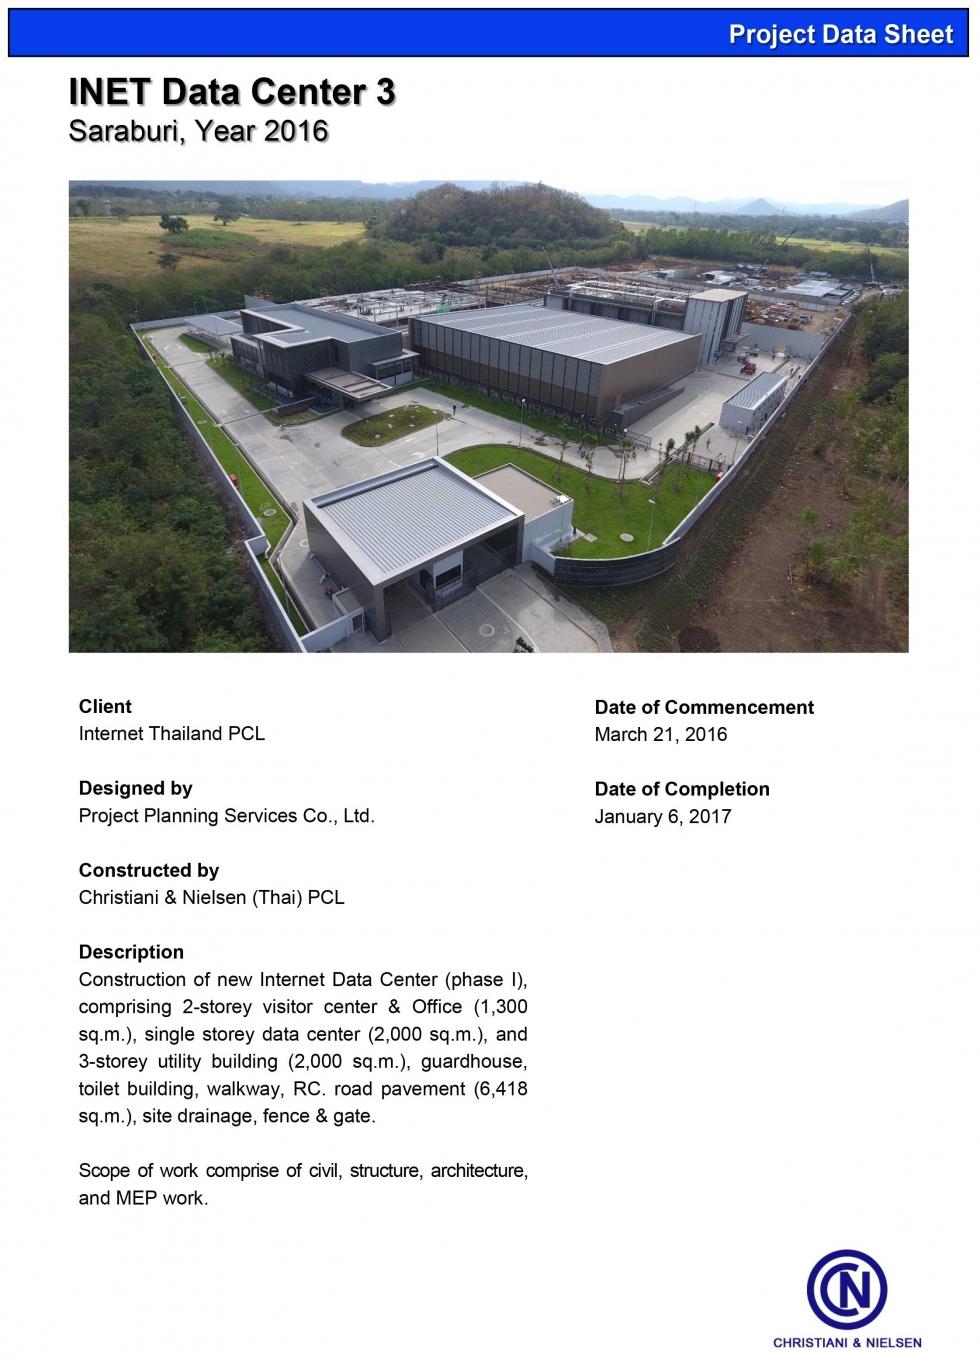 11681—INET-Data-Center-3